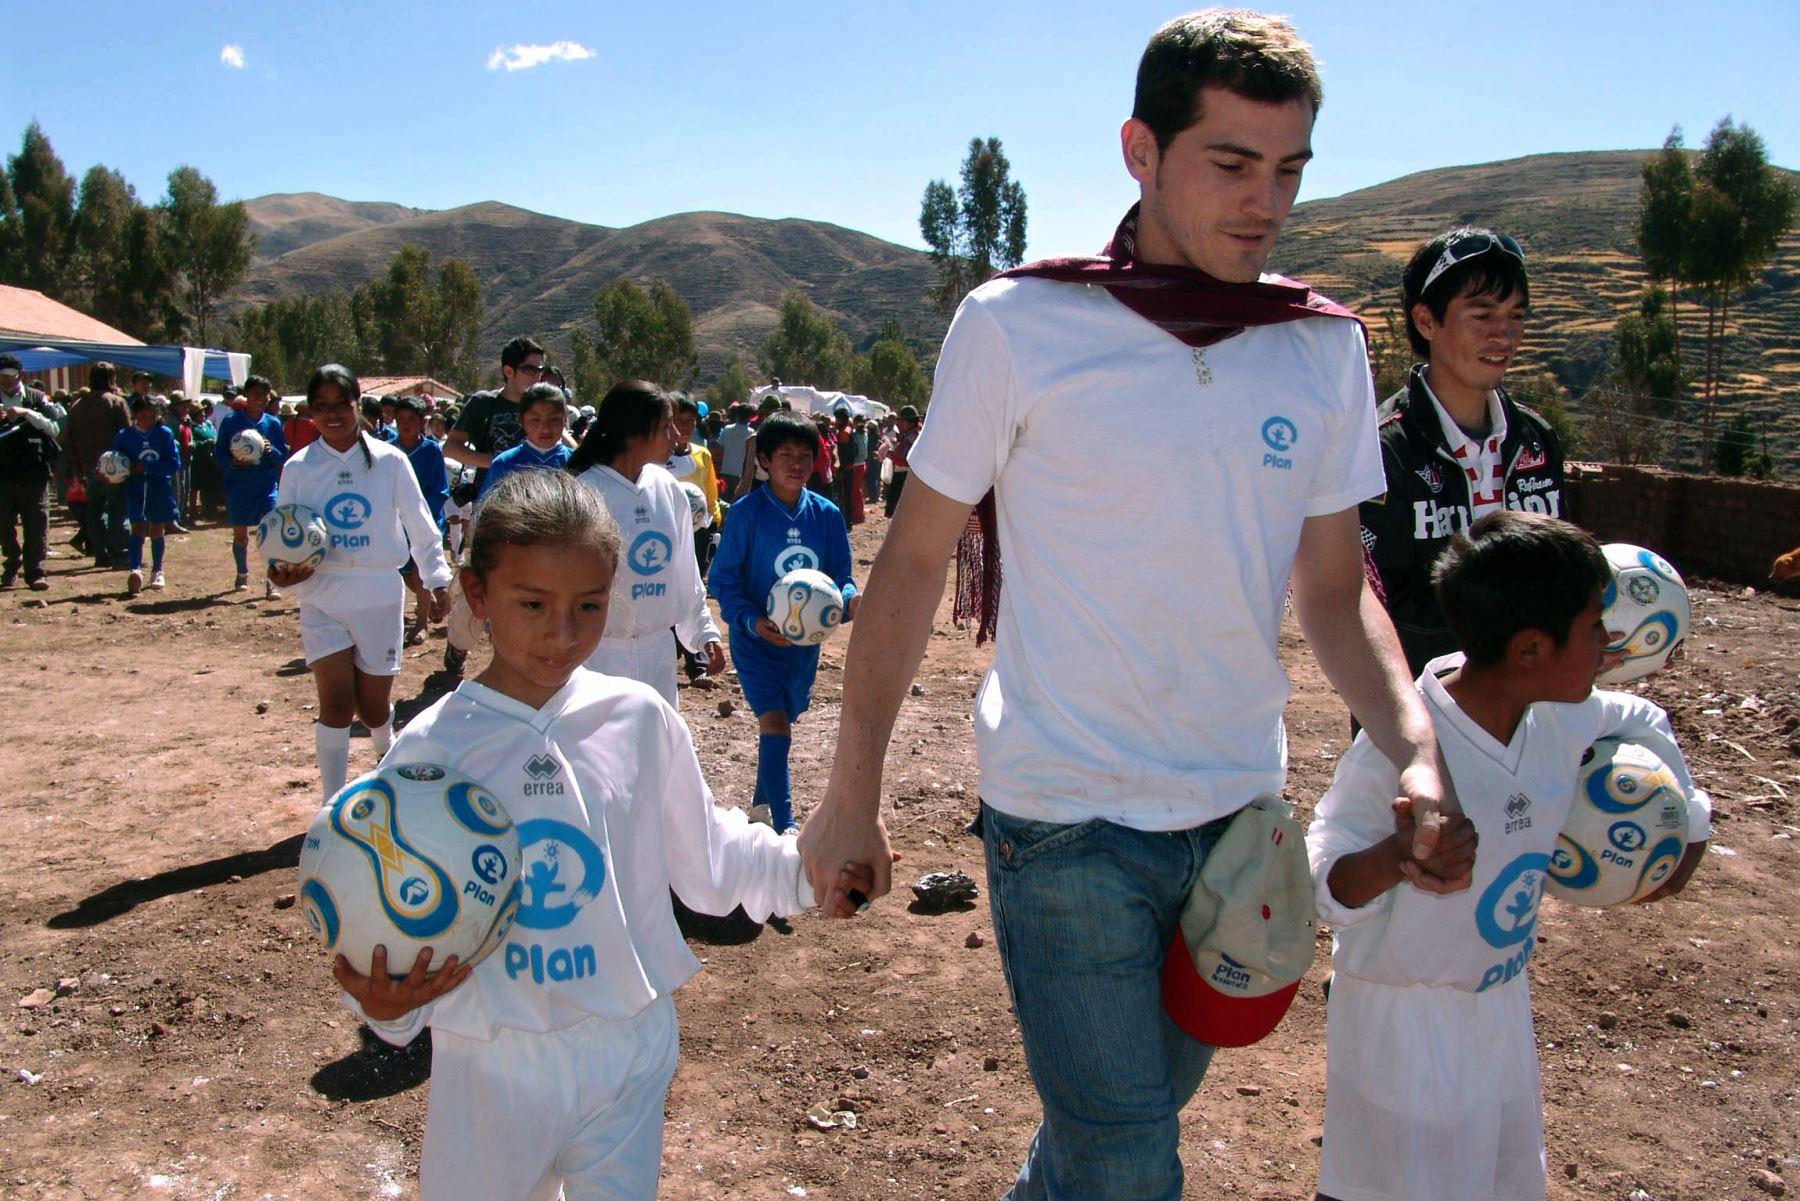 El portero Iker Casillas, camina con niños en la comunidad de Patabamba, en Cusco, Perú, el 5 de julio de 2008. Foto: AFP